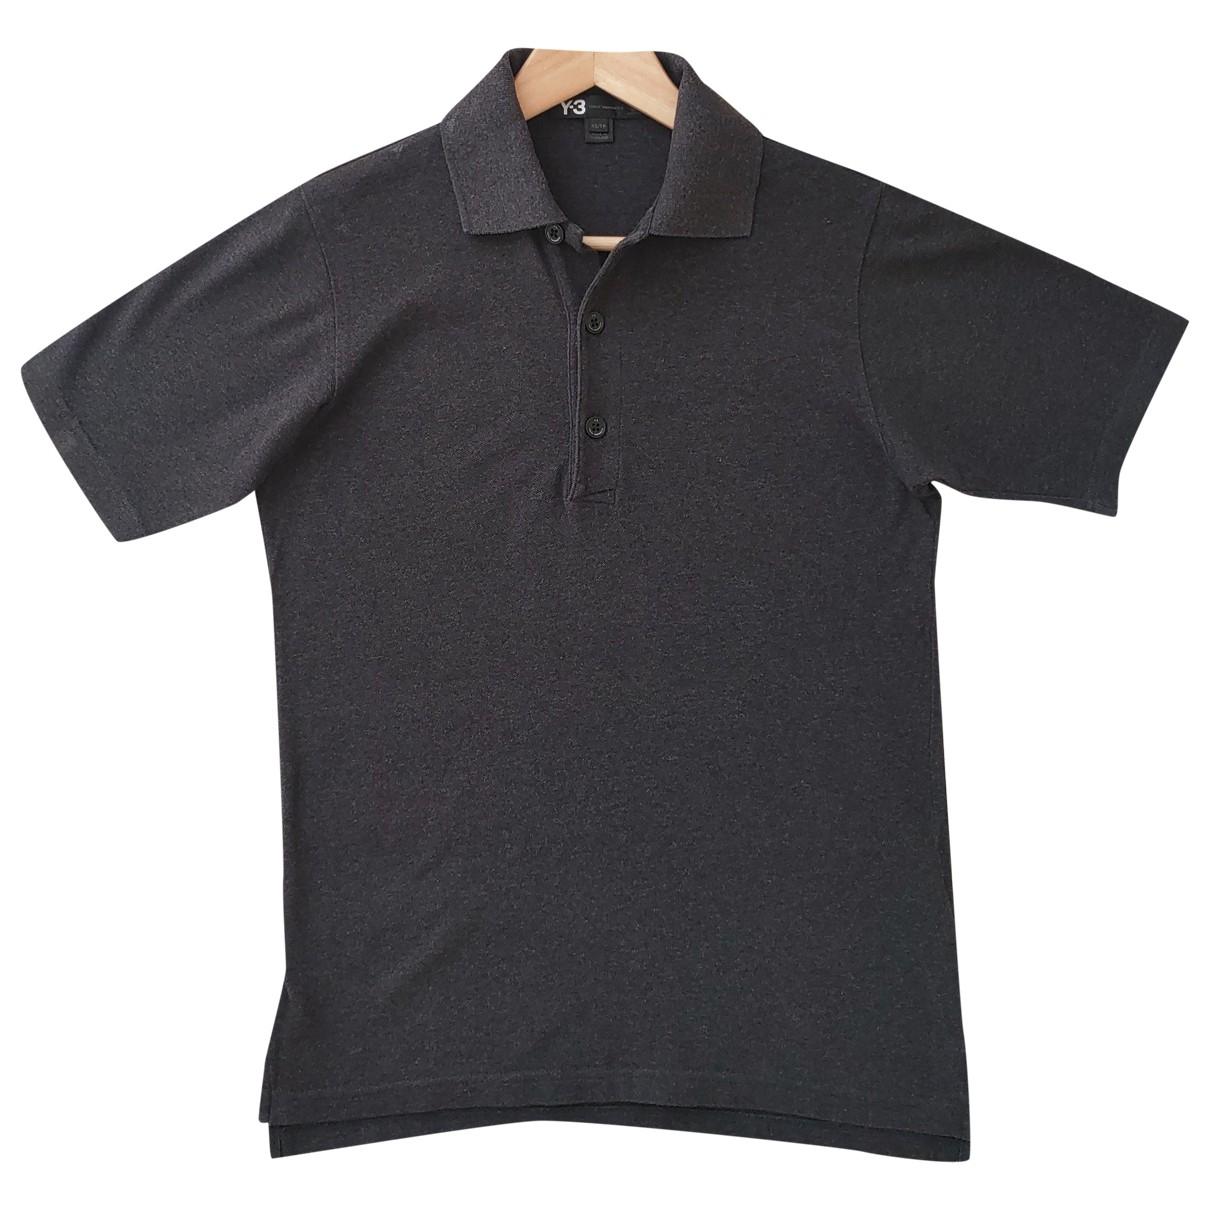 Y-3 - Polos   pour homme en coton - anthracite